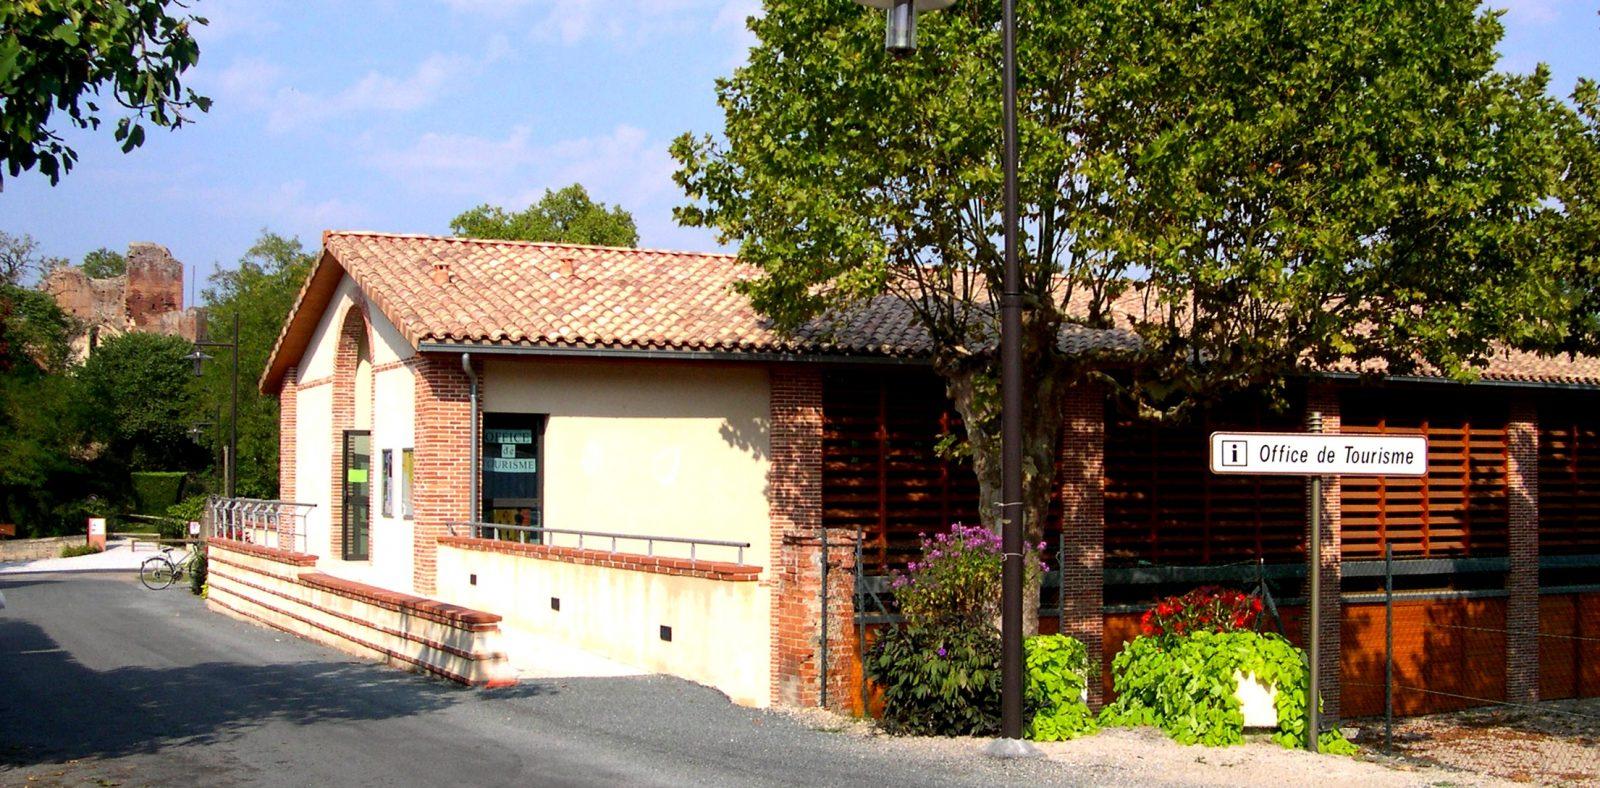 Bureau dinformation touristique de Saint-Sulpice Tarn'